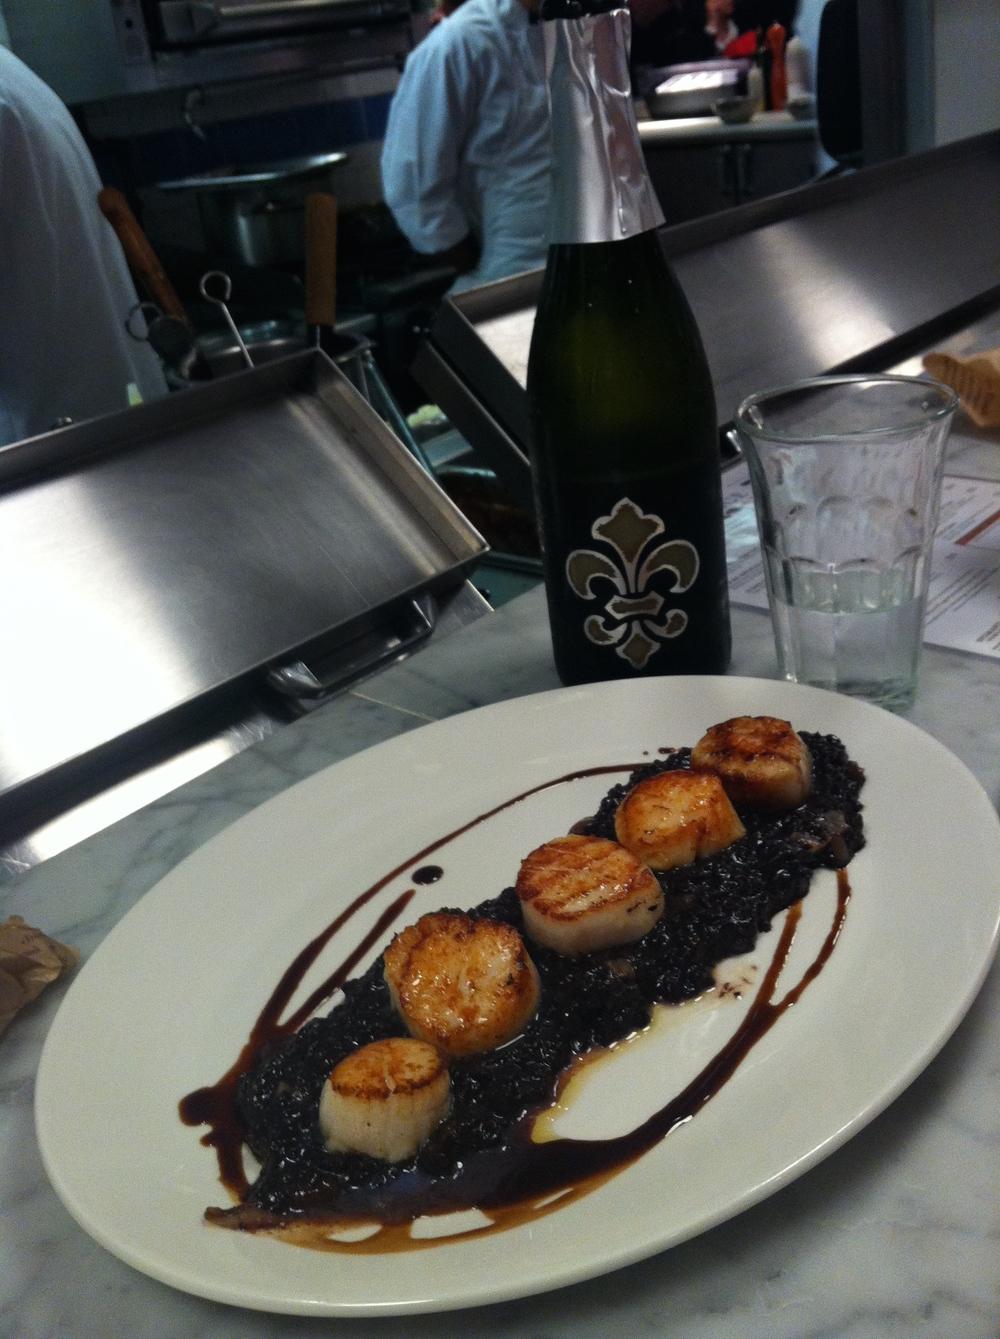 Fazer uma horinha e comer Vieiras com arroz negro (acima) no Il Pesce ou um Agnolotti (abaixo) no La Pasta, beber mais vinho e comprar várias garrafas pra levar pra casa.